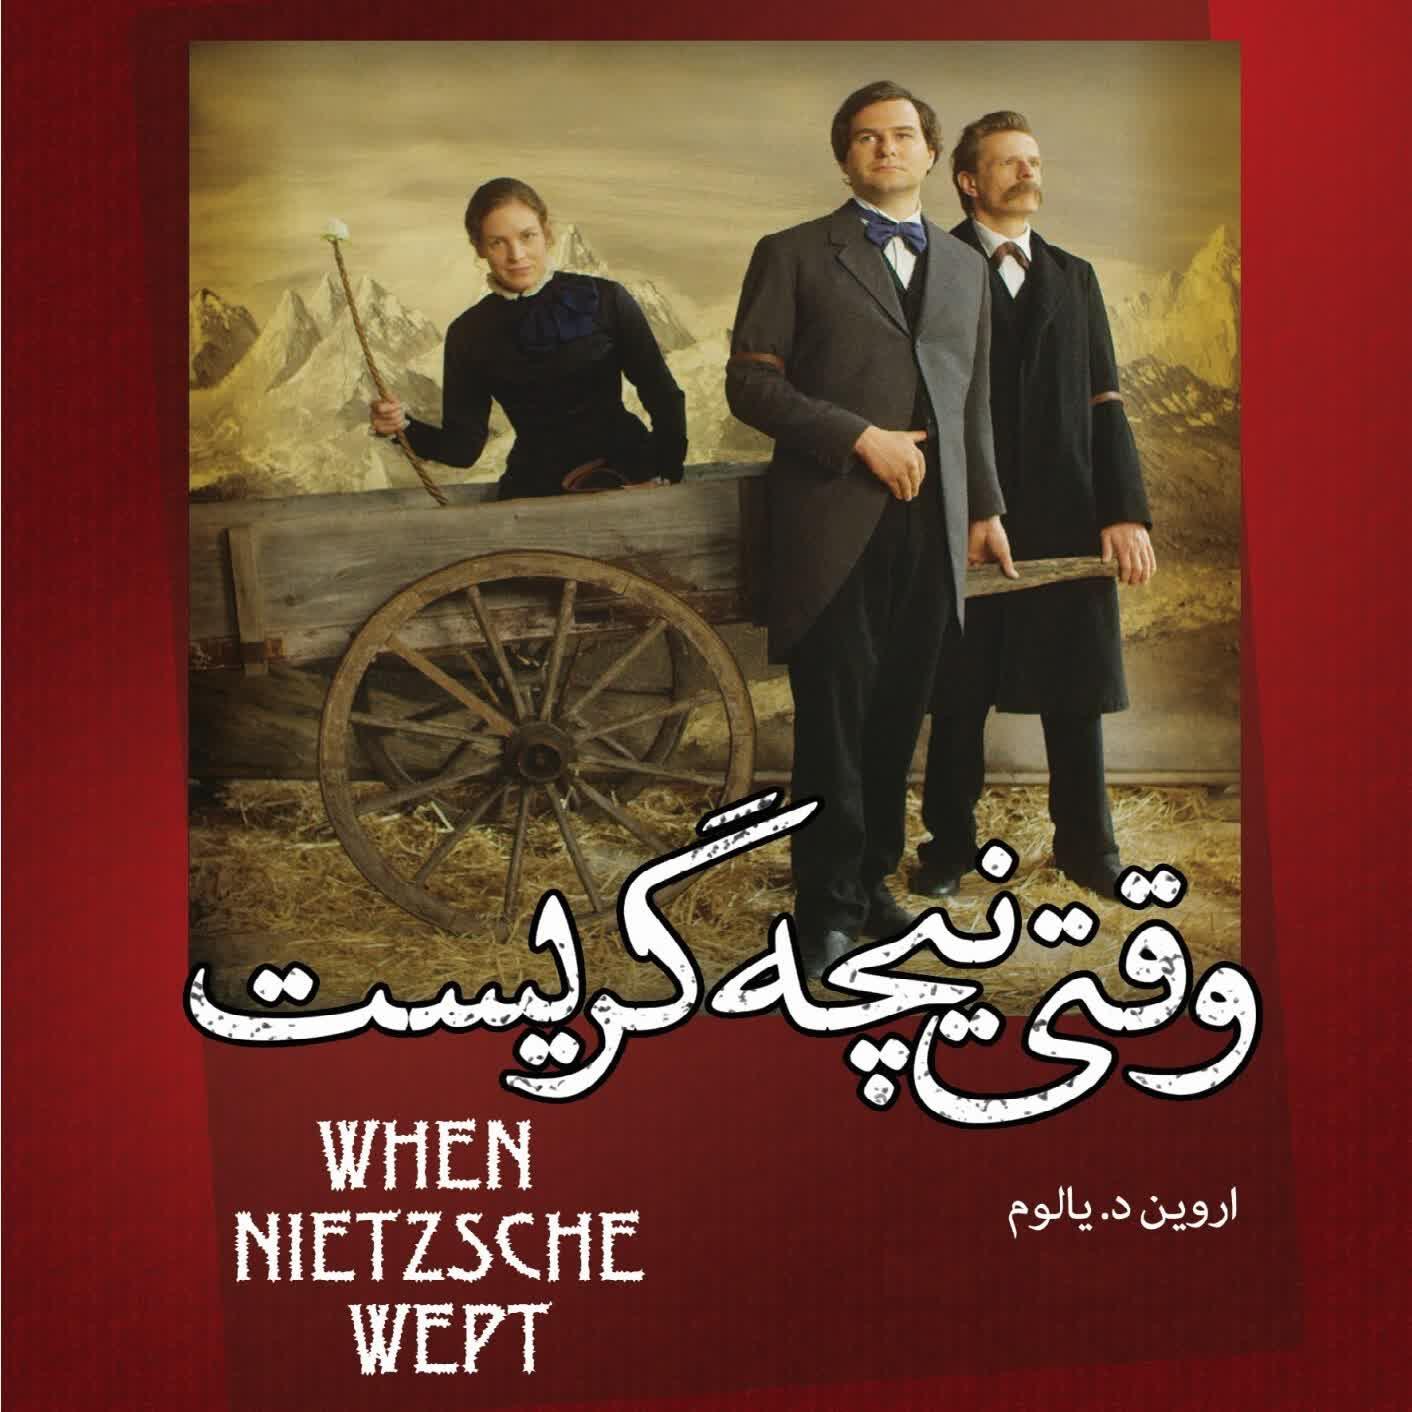 وقتی نیچه گریست - When Nietzsche Wept